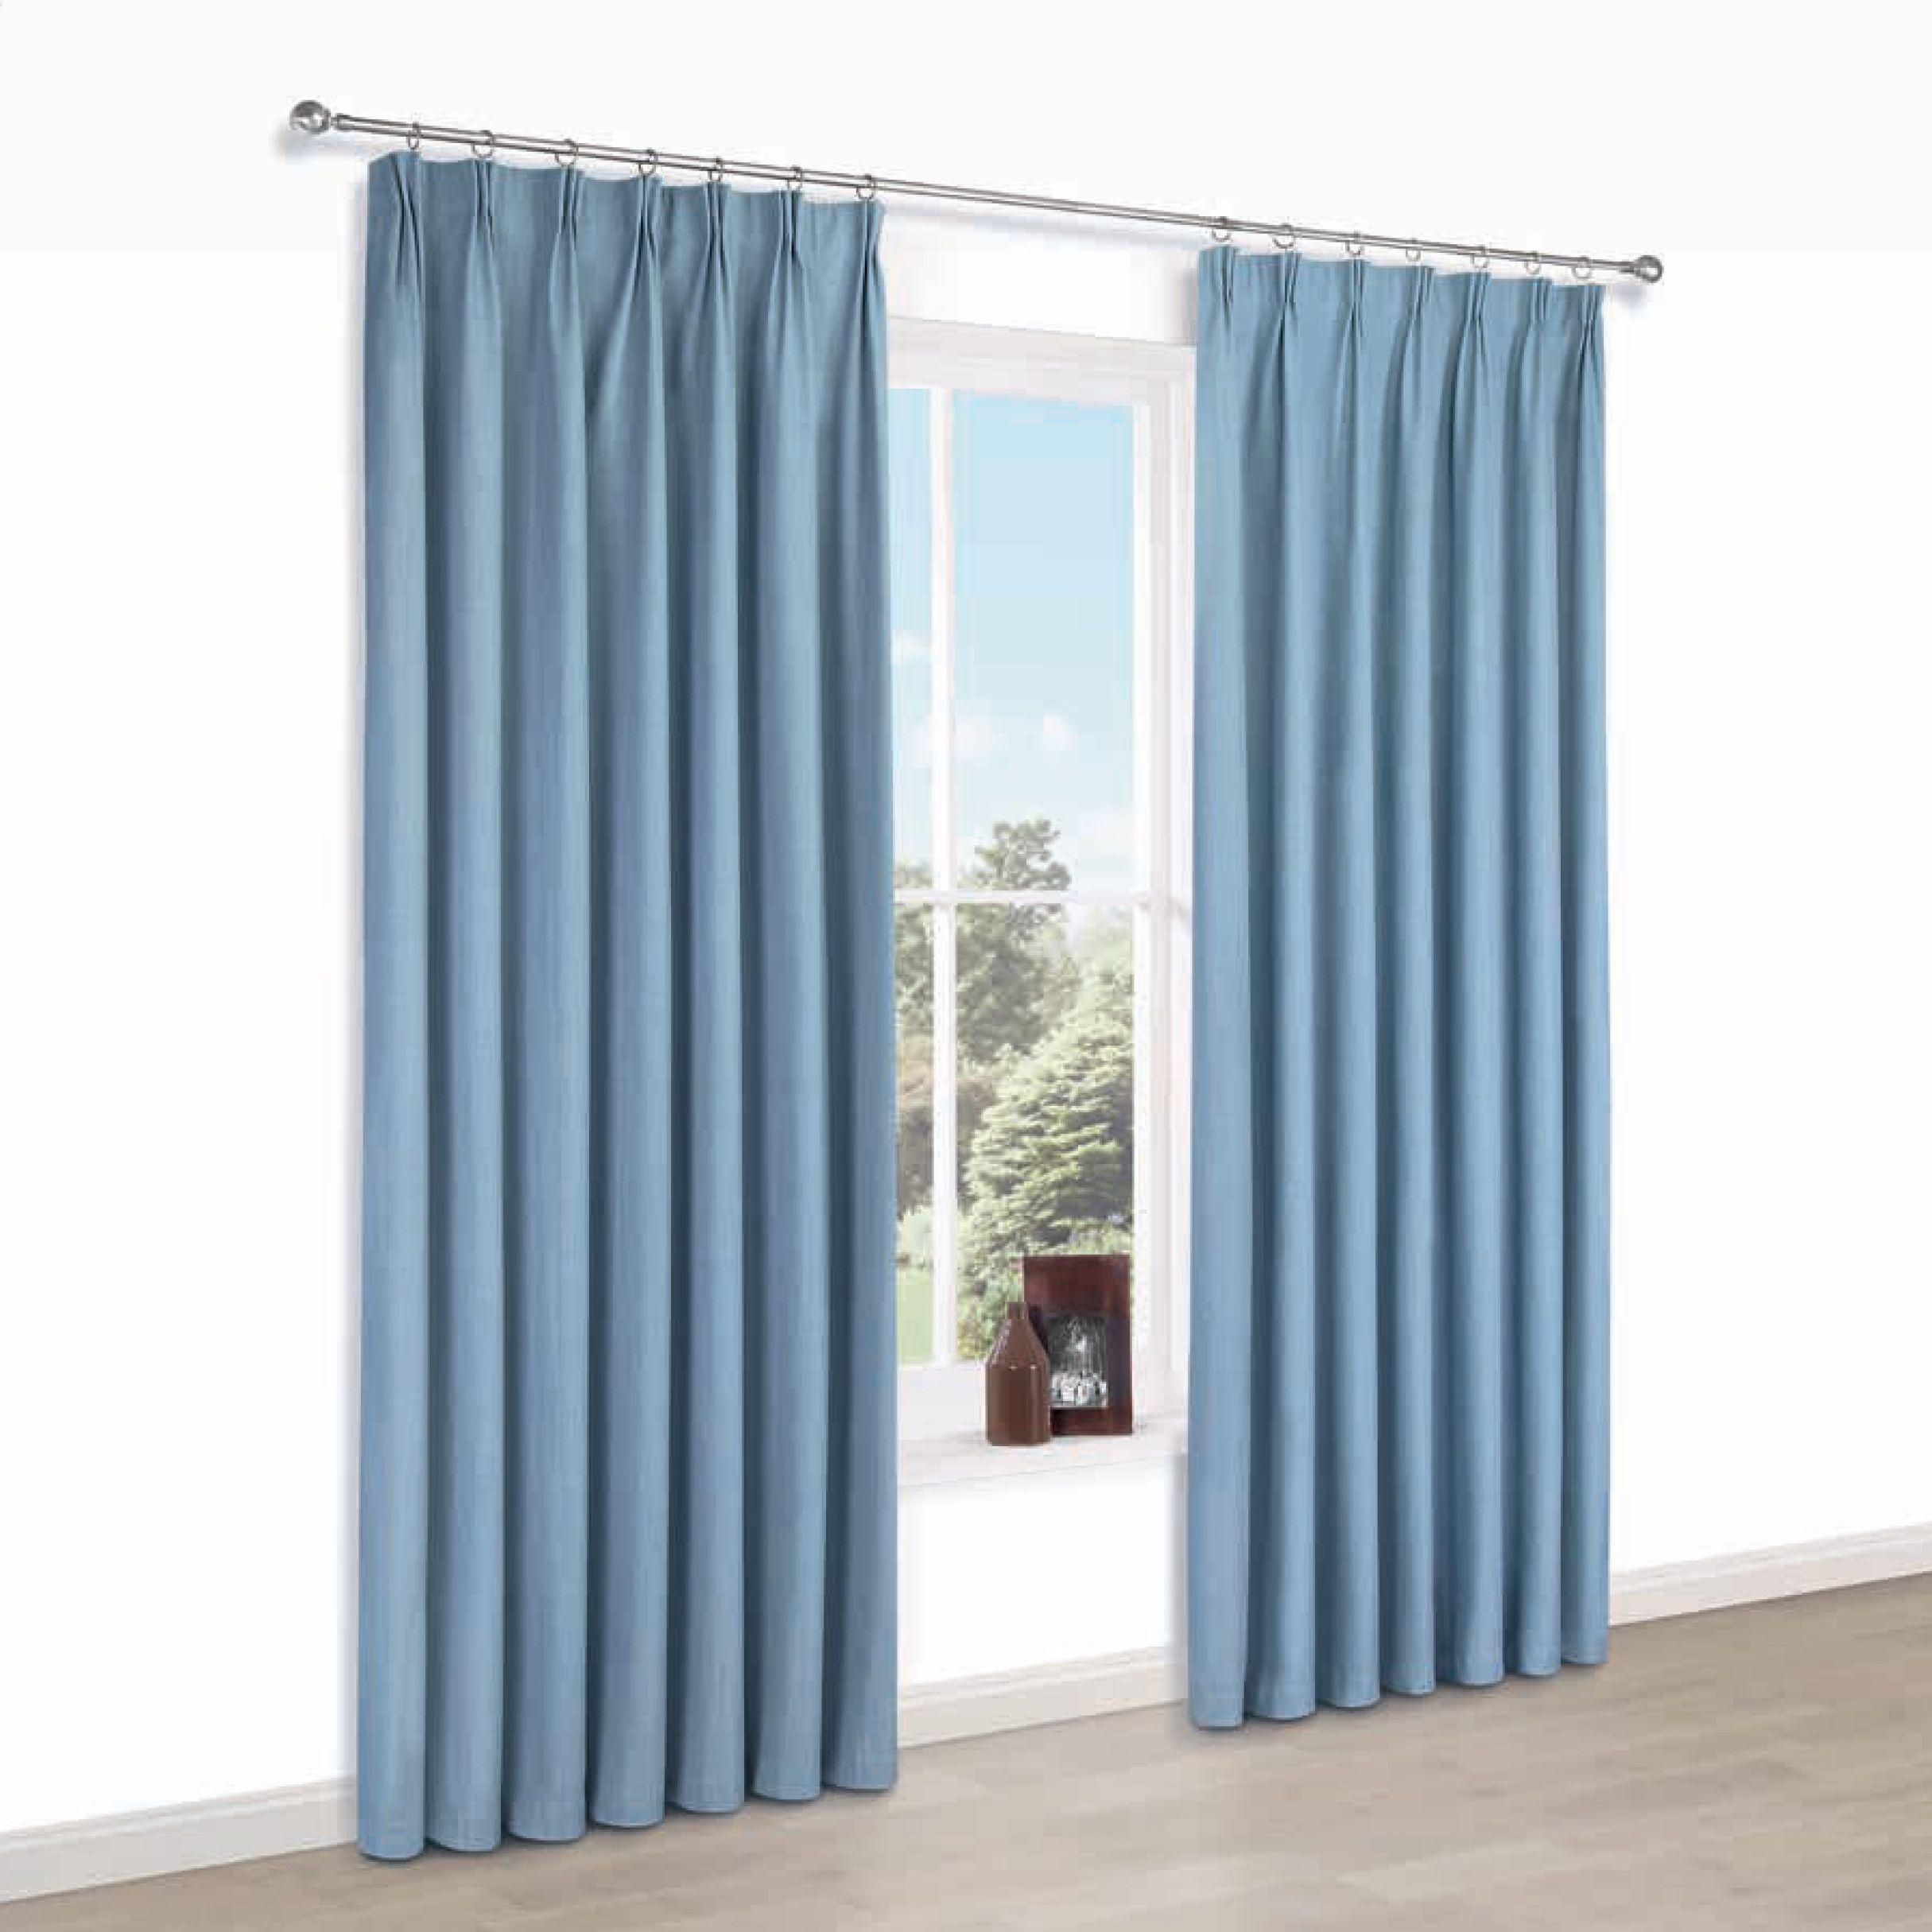 Elva Blue Plain Blackout Pencil Pleat Blackout Curtains (w)167 Cm (l)228 Cm